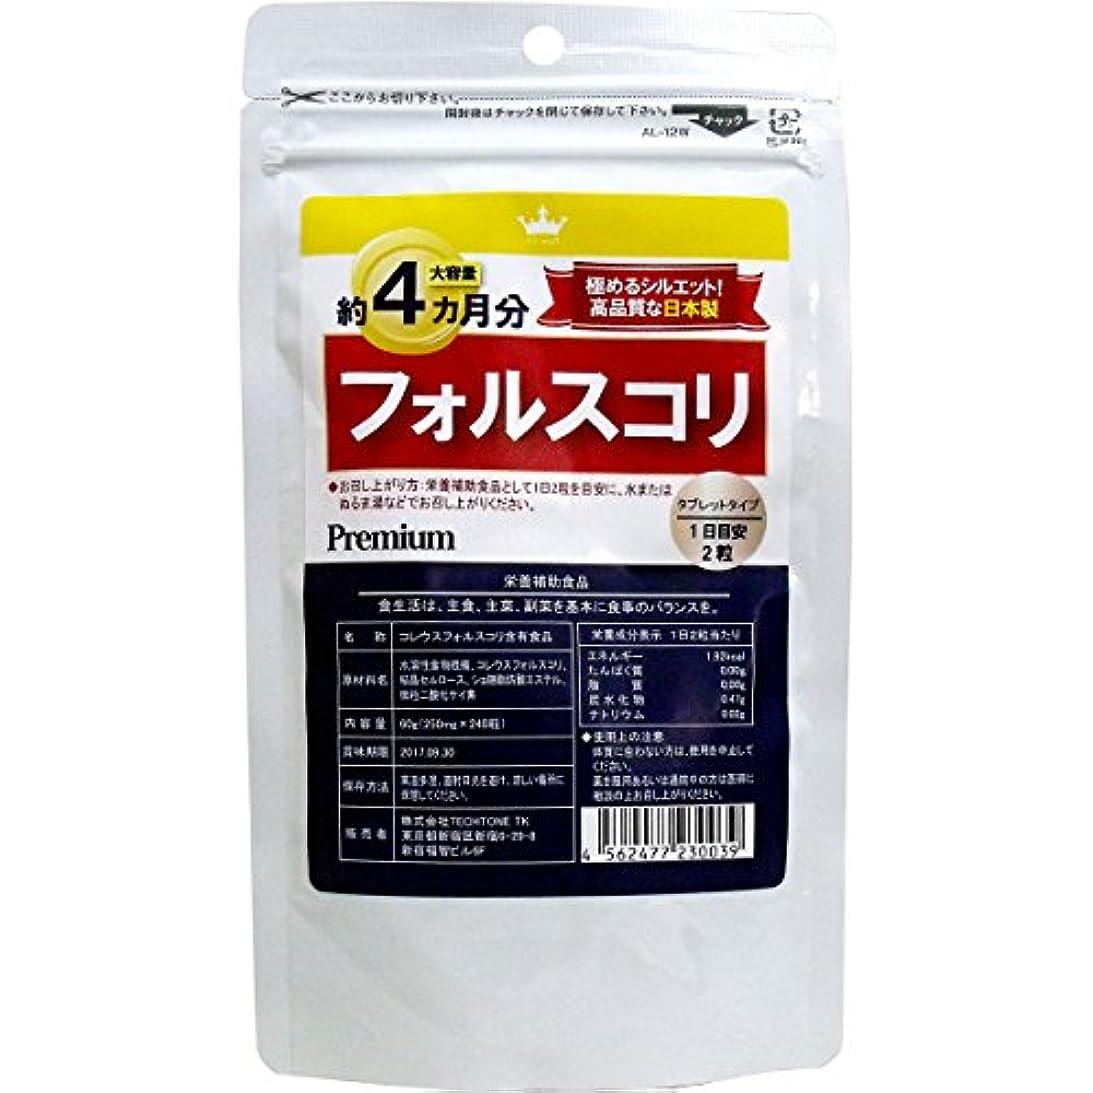 確立しますくるみ鮮やかなサプリ 高品質な日本製 話題の フォルスコリ 約4カ月分 240粒入【2個セット】